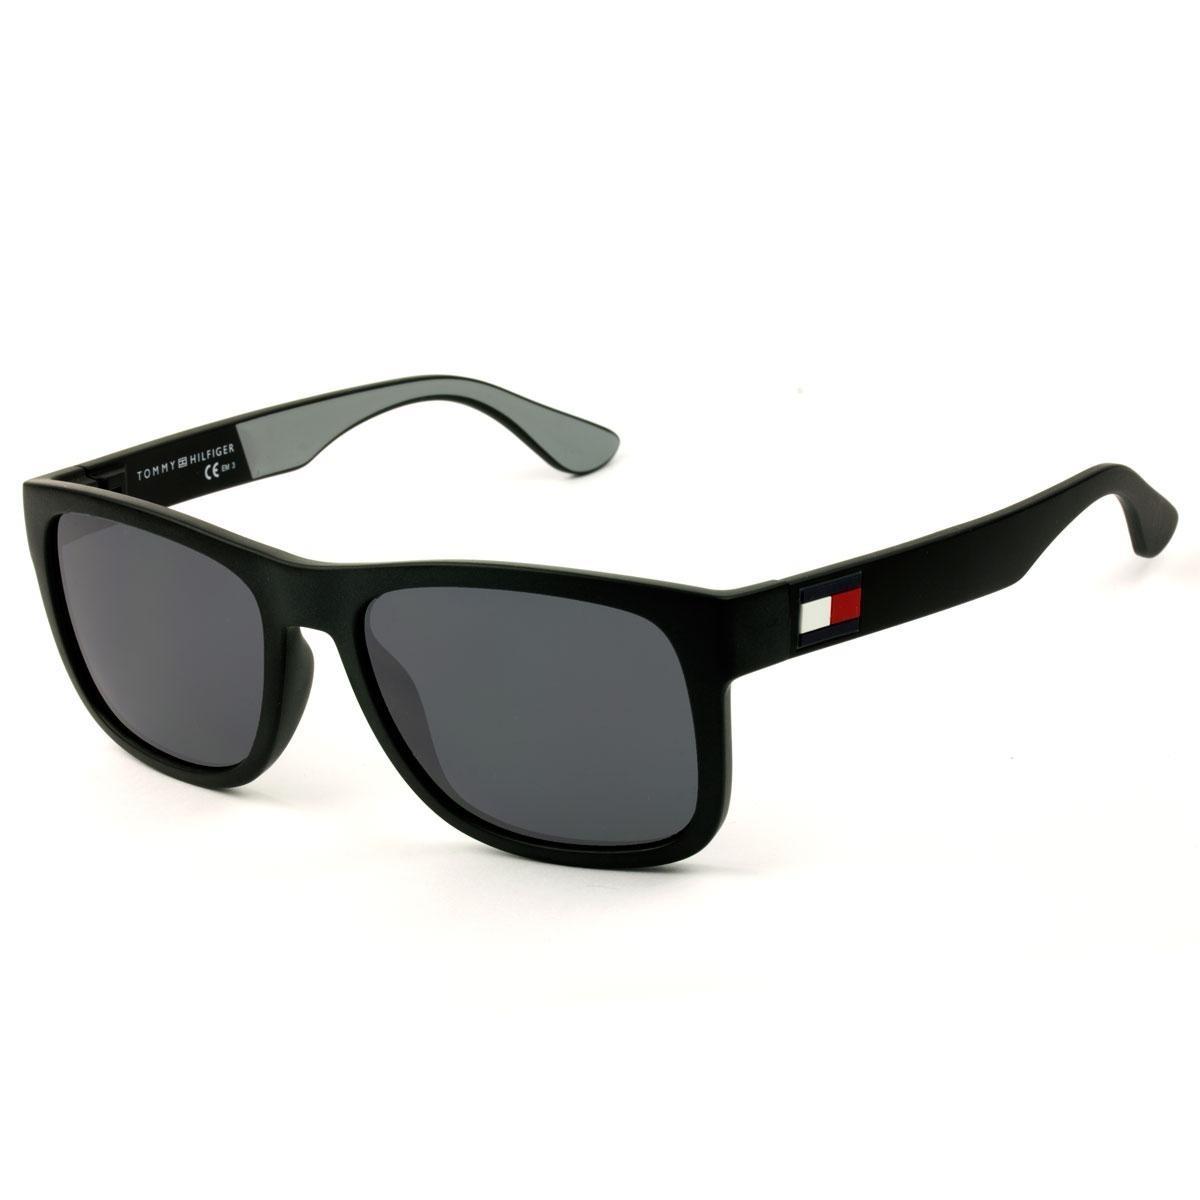 e0b3e45d9b óculos de sol tommy hilfiger th 1556 s 08air. Carregando zoom.